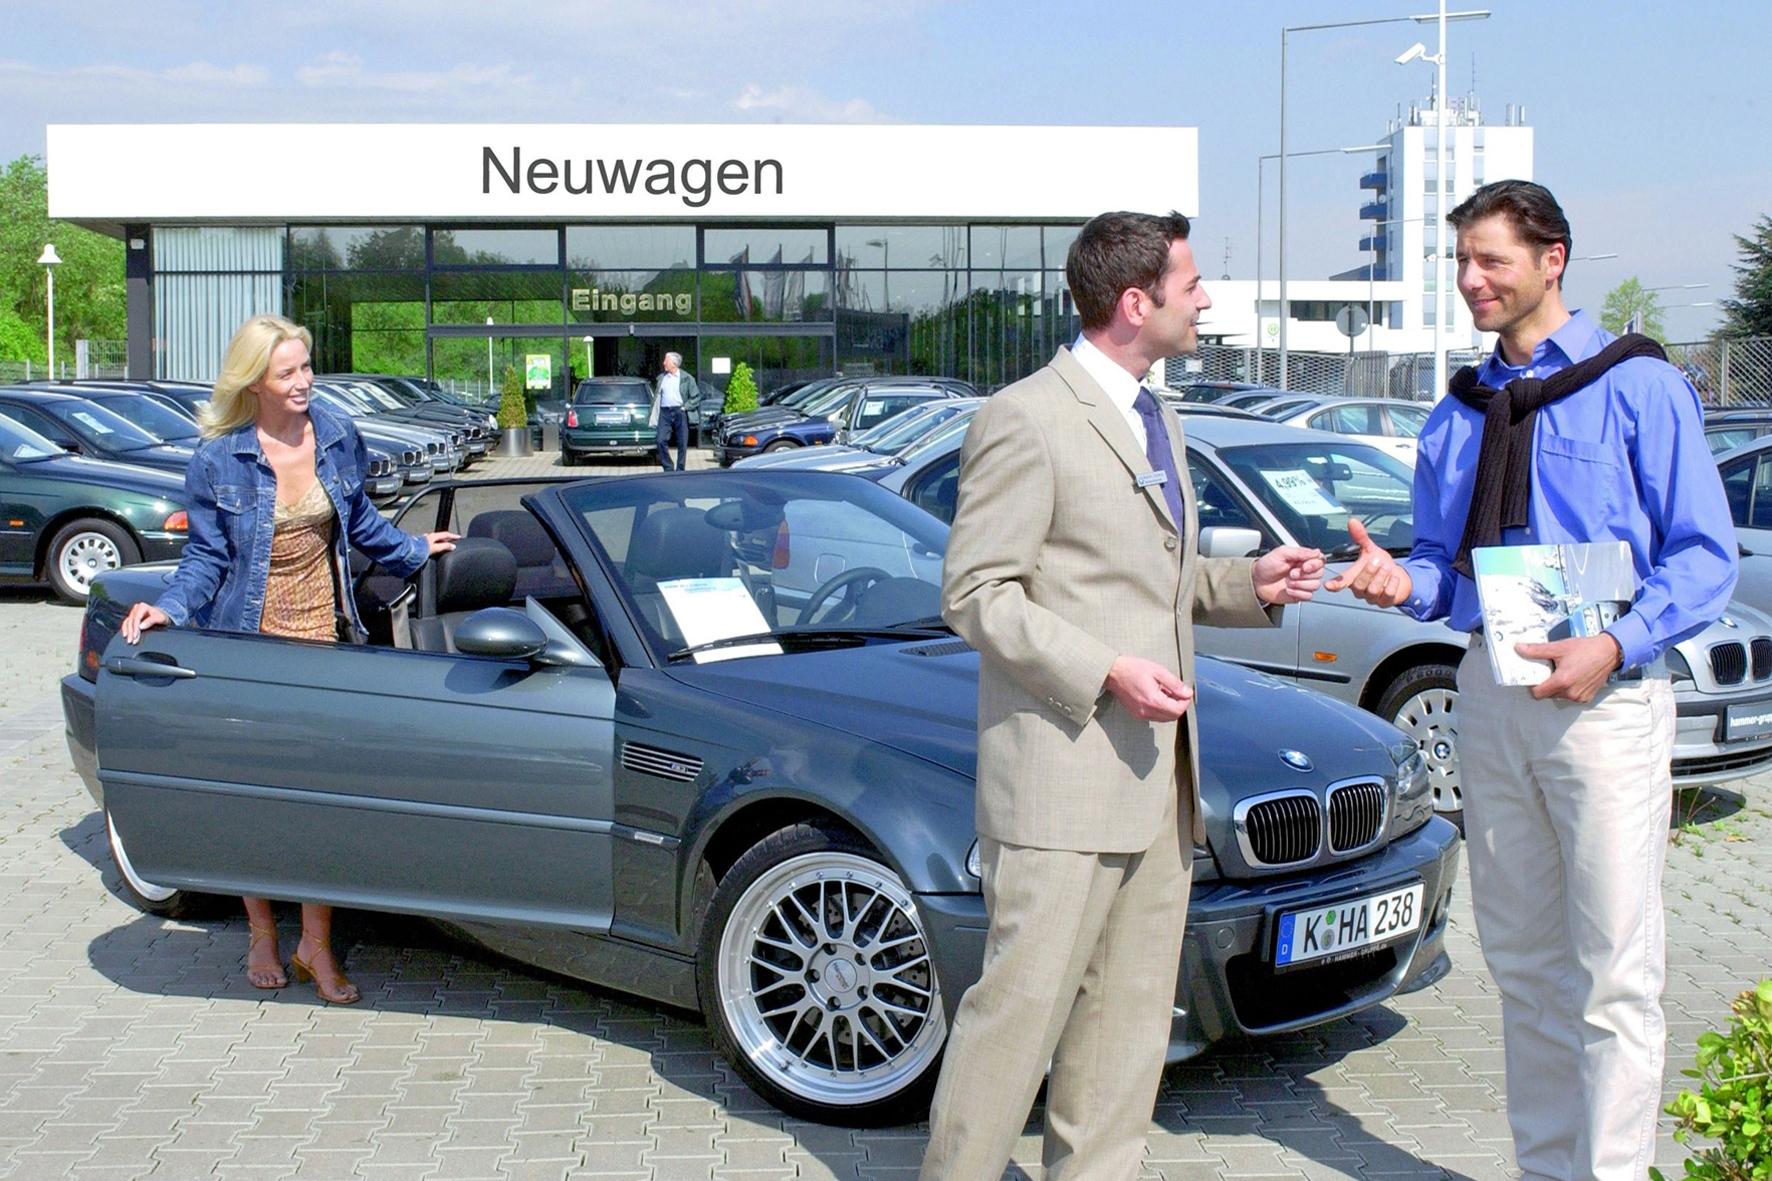 mid Groß-Gerau - Nach einem Urteil des EuGH müssen Autobauer und Händler die Überführungskosten künftig in den Endpreis einrechnen.